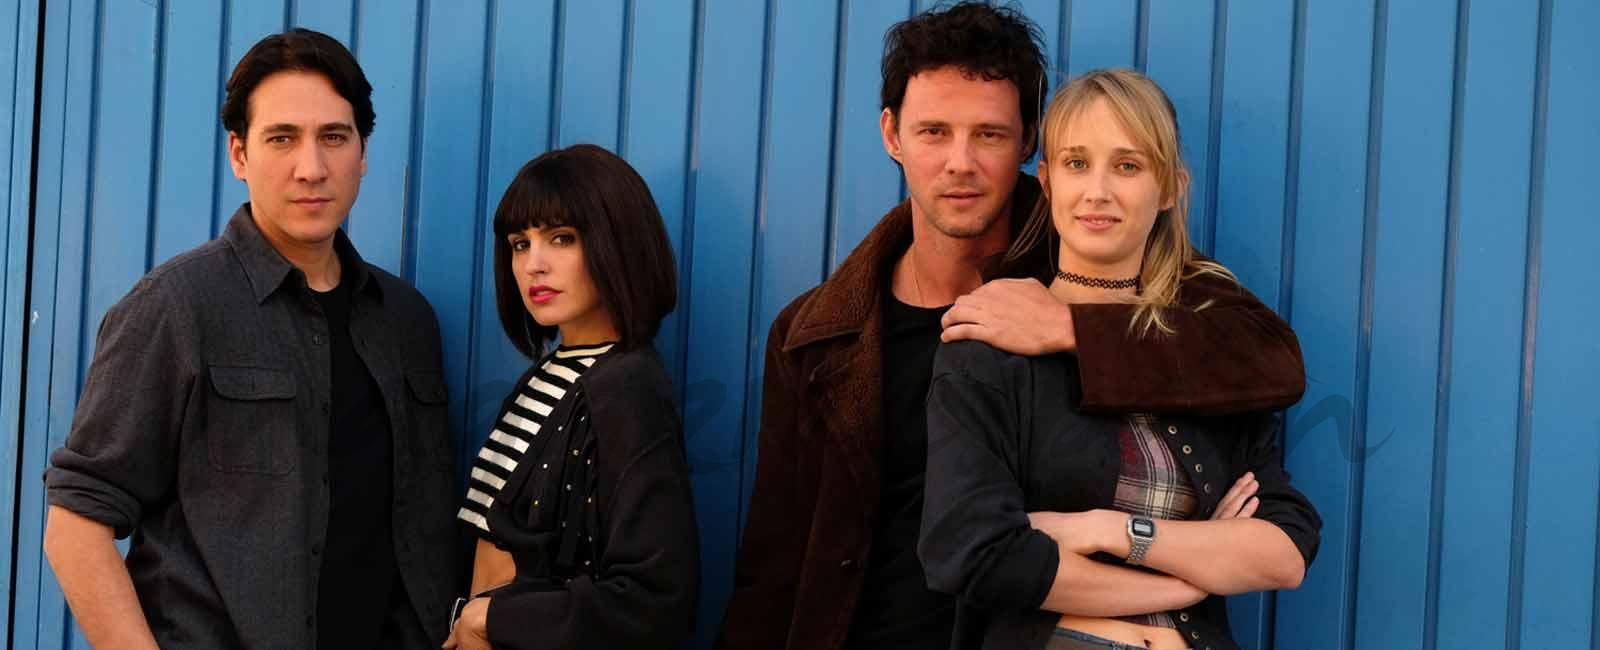 Alberto Ammann, Verónica Echegui, Eloy Azorín e Ingrid García Johnsson - Apaches - © Atresmedia